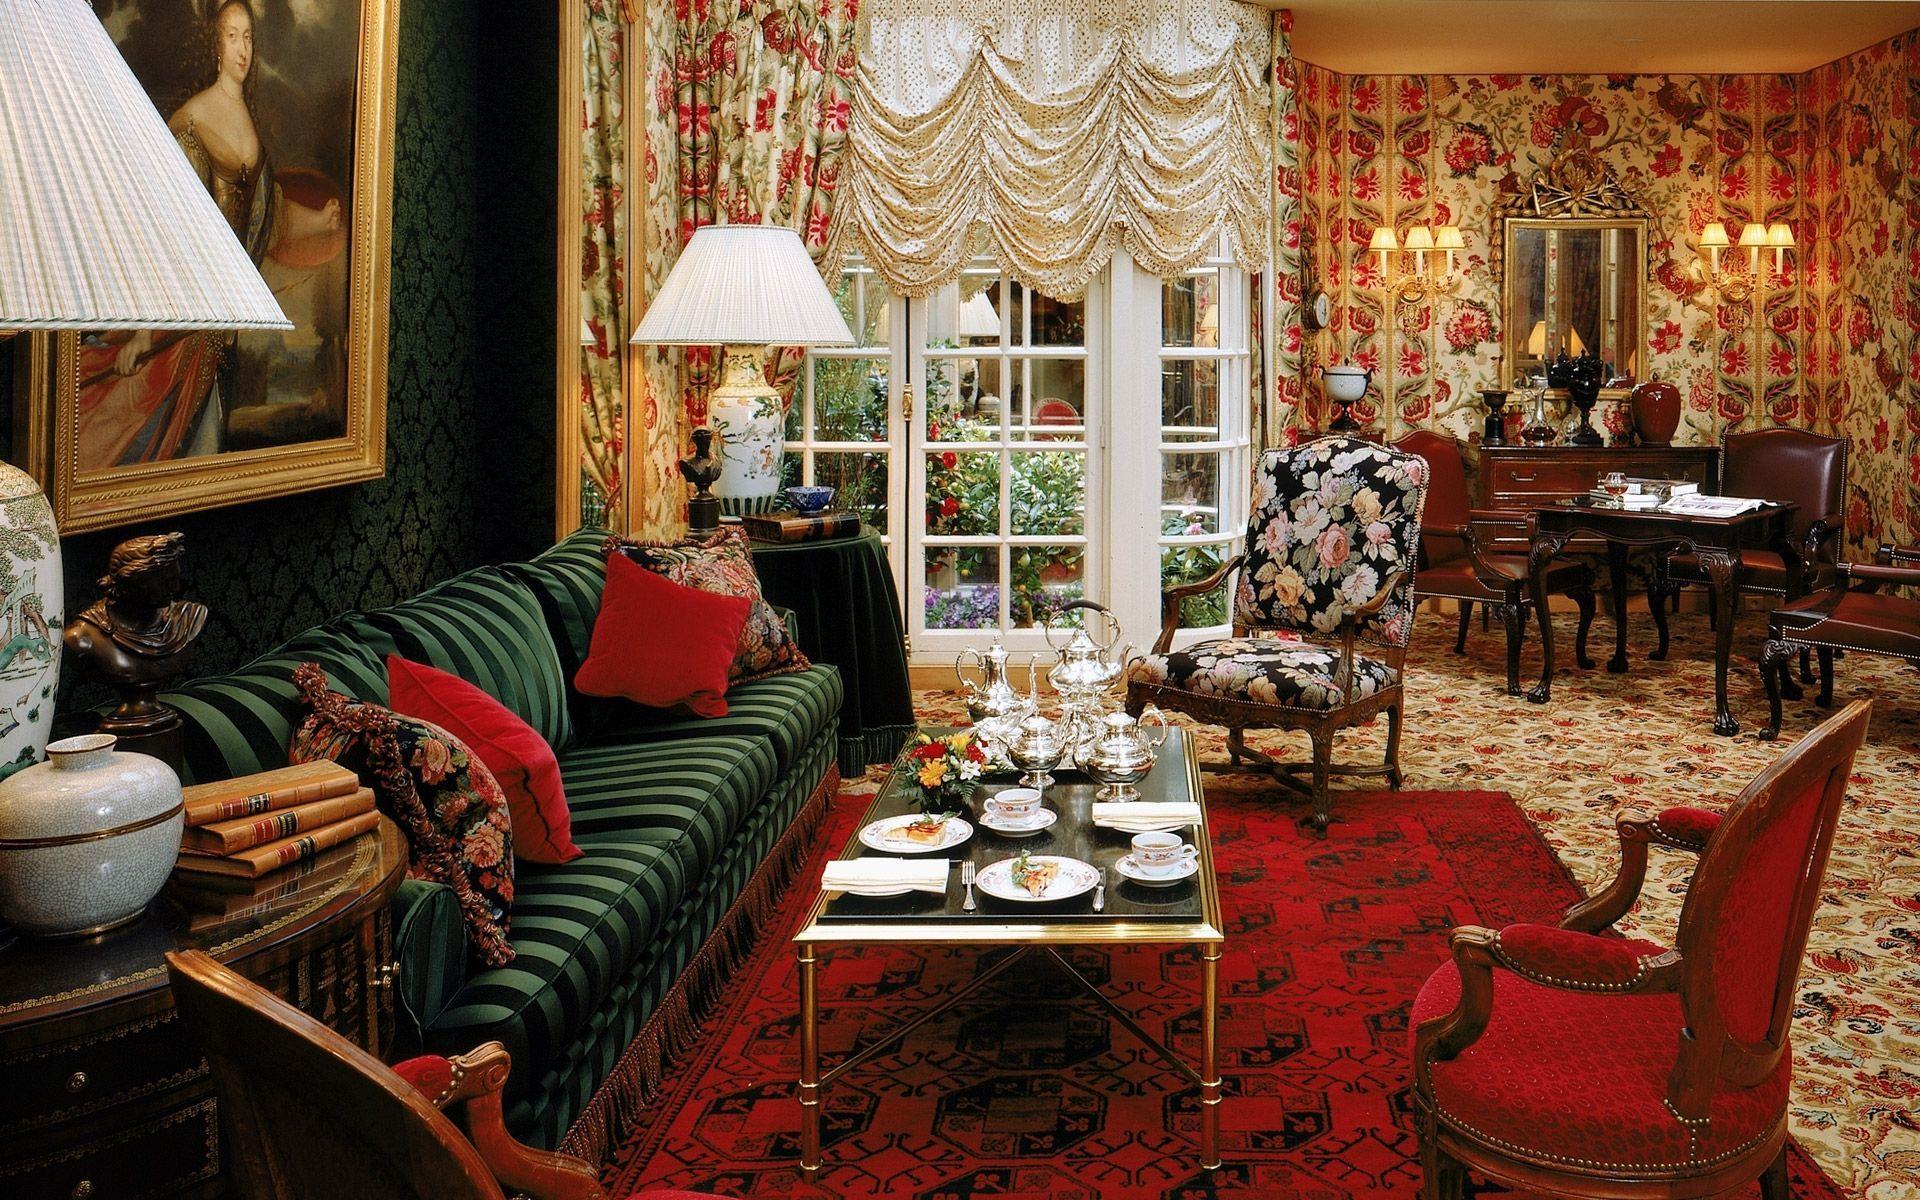 Salon-hotel-San-Regis-Paris | COLORFUL FAMILY ROOMS | Pinterest ...